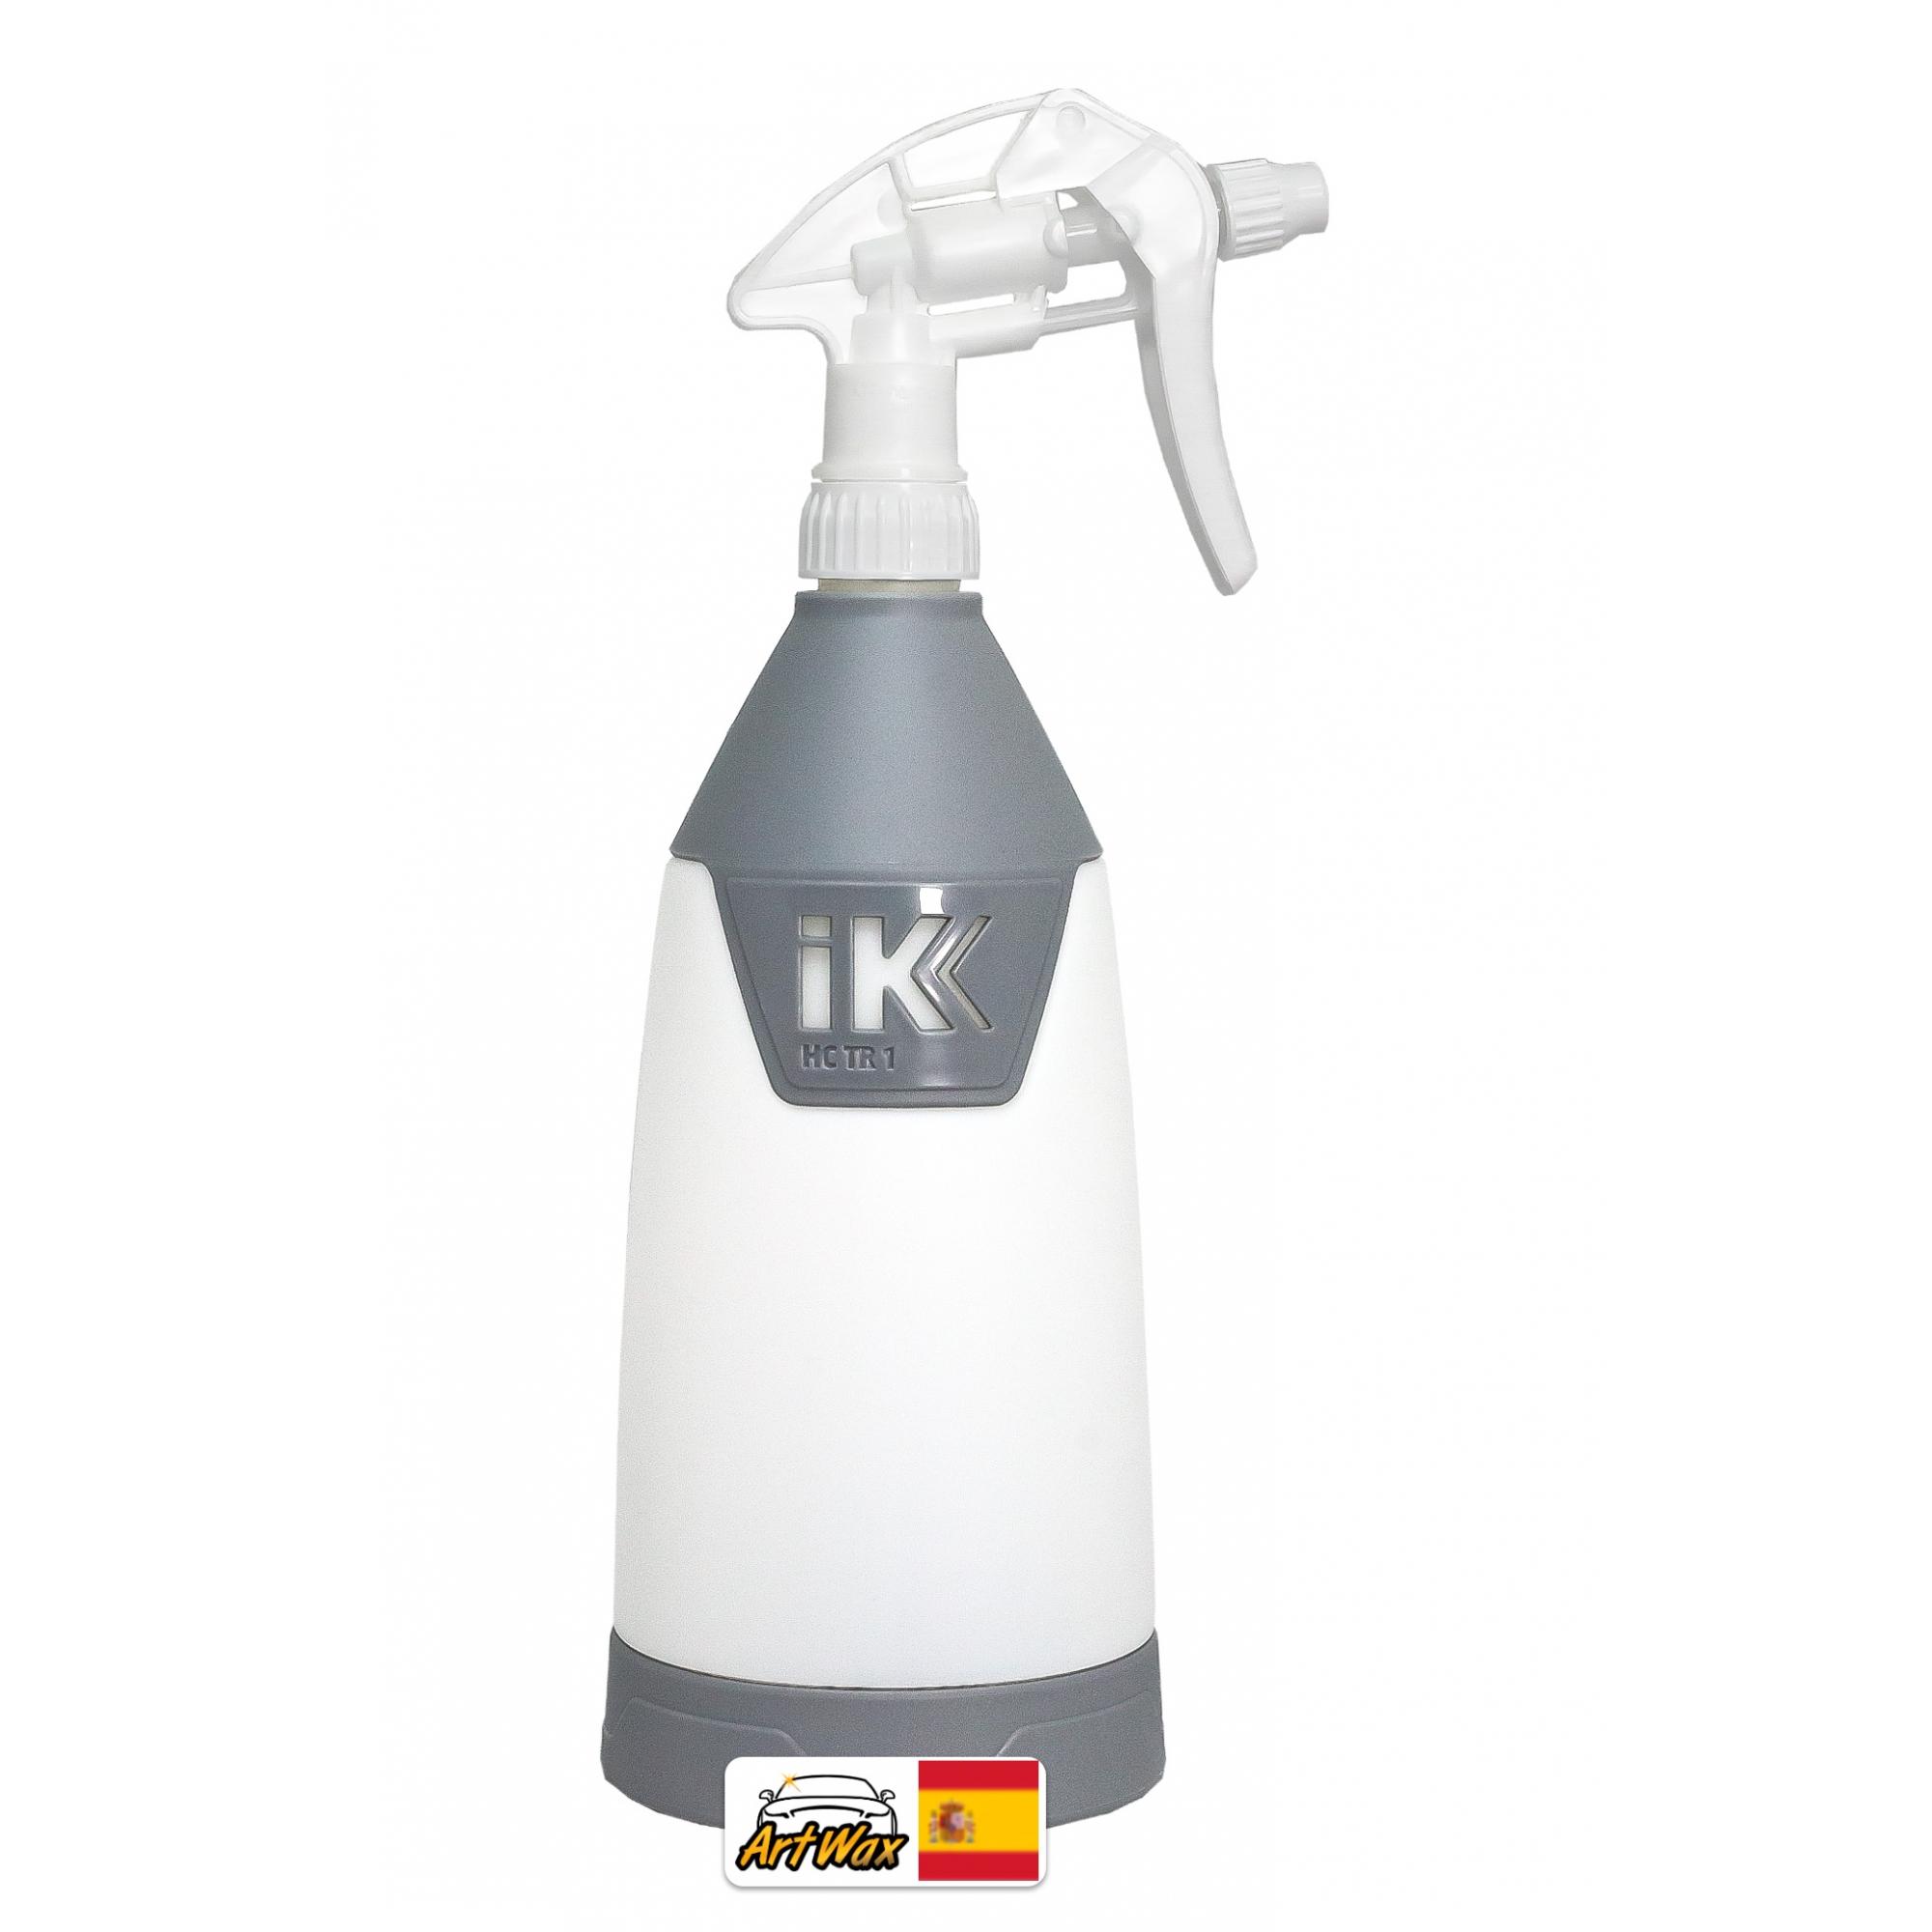 IK HC TR 1 - Pulverizador Profissional Solventes 1L